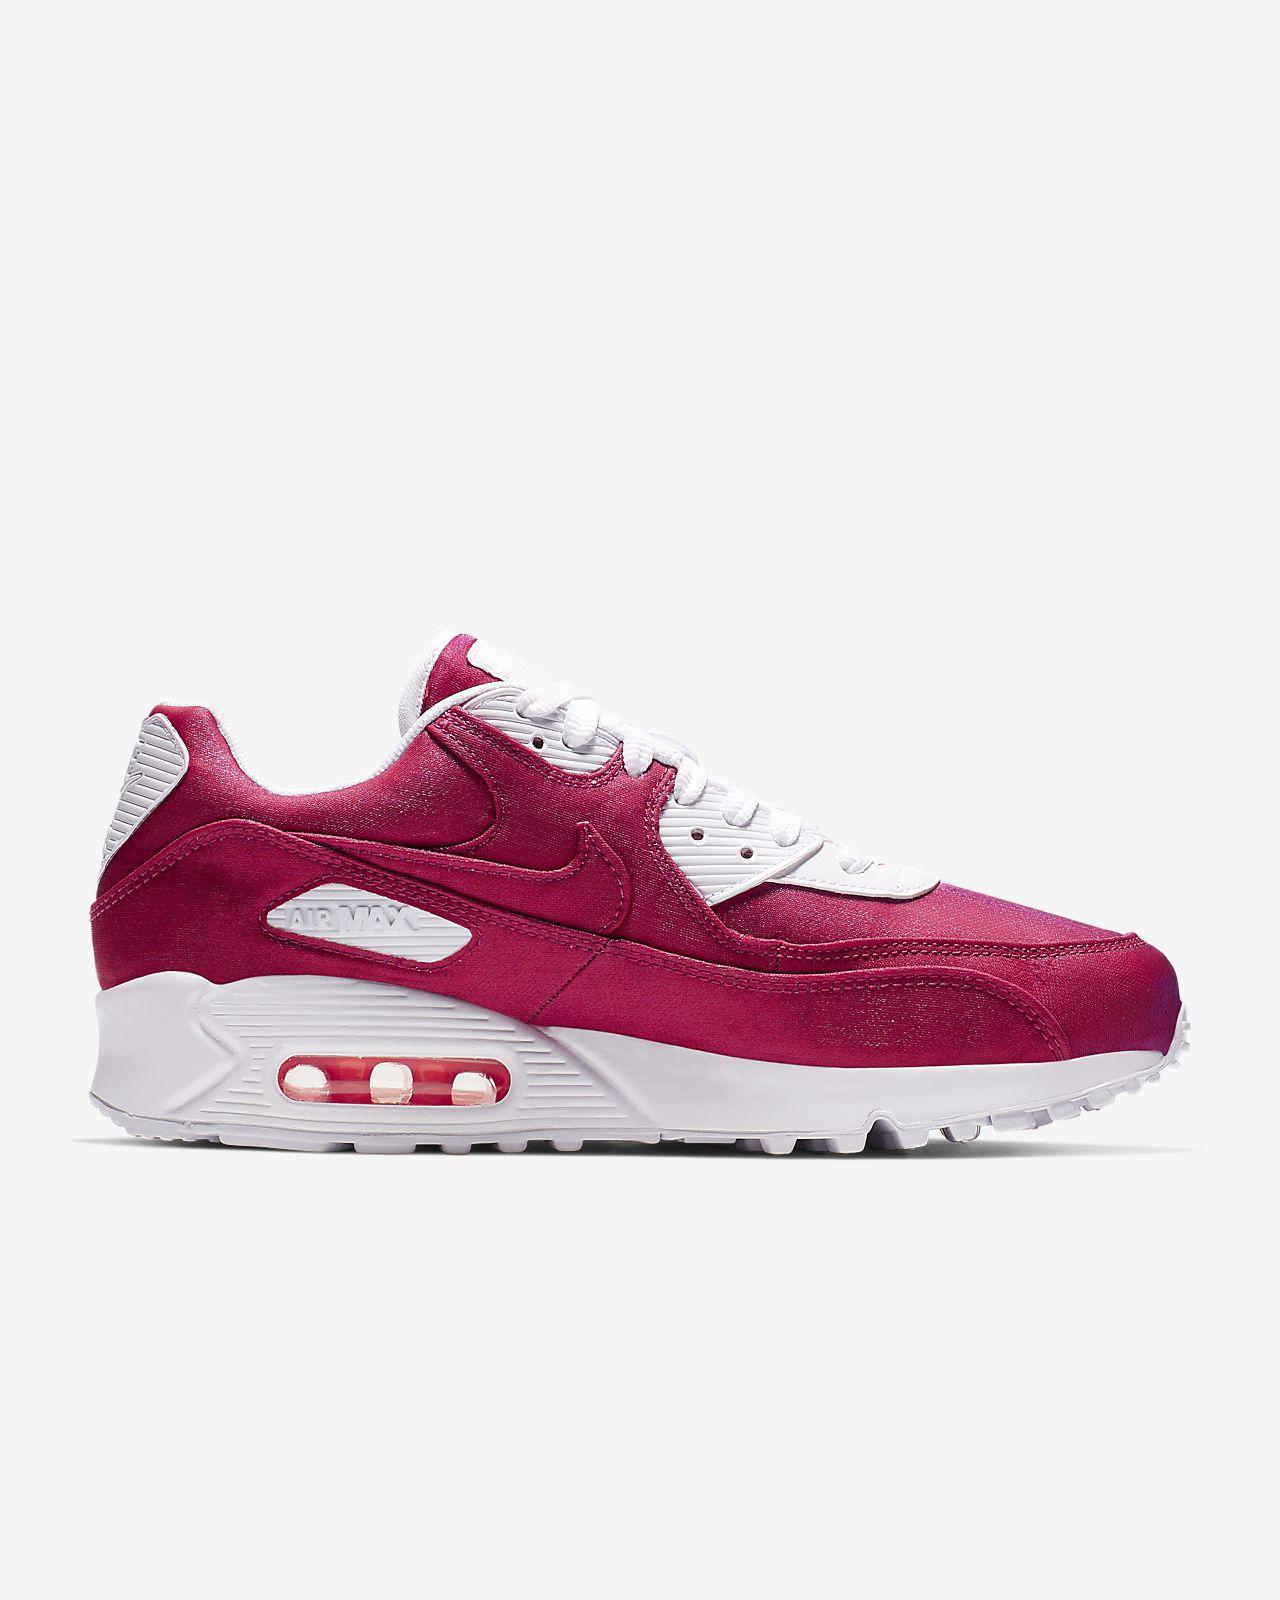 finest selection af8fe 48973 ... Nike Air Max 90 SE Women s Shoe